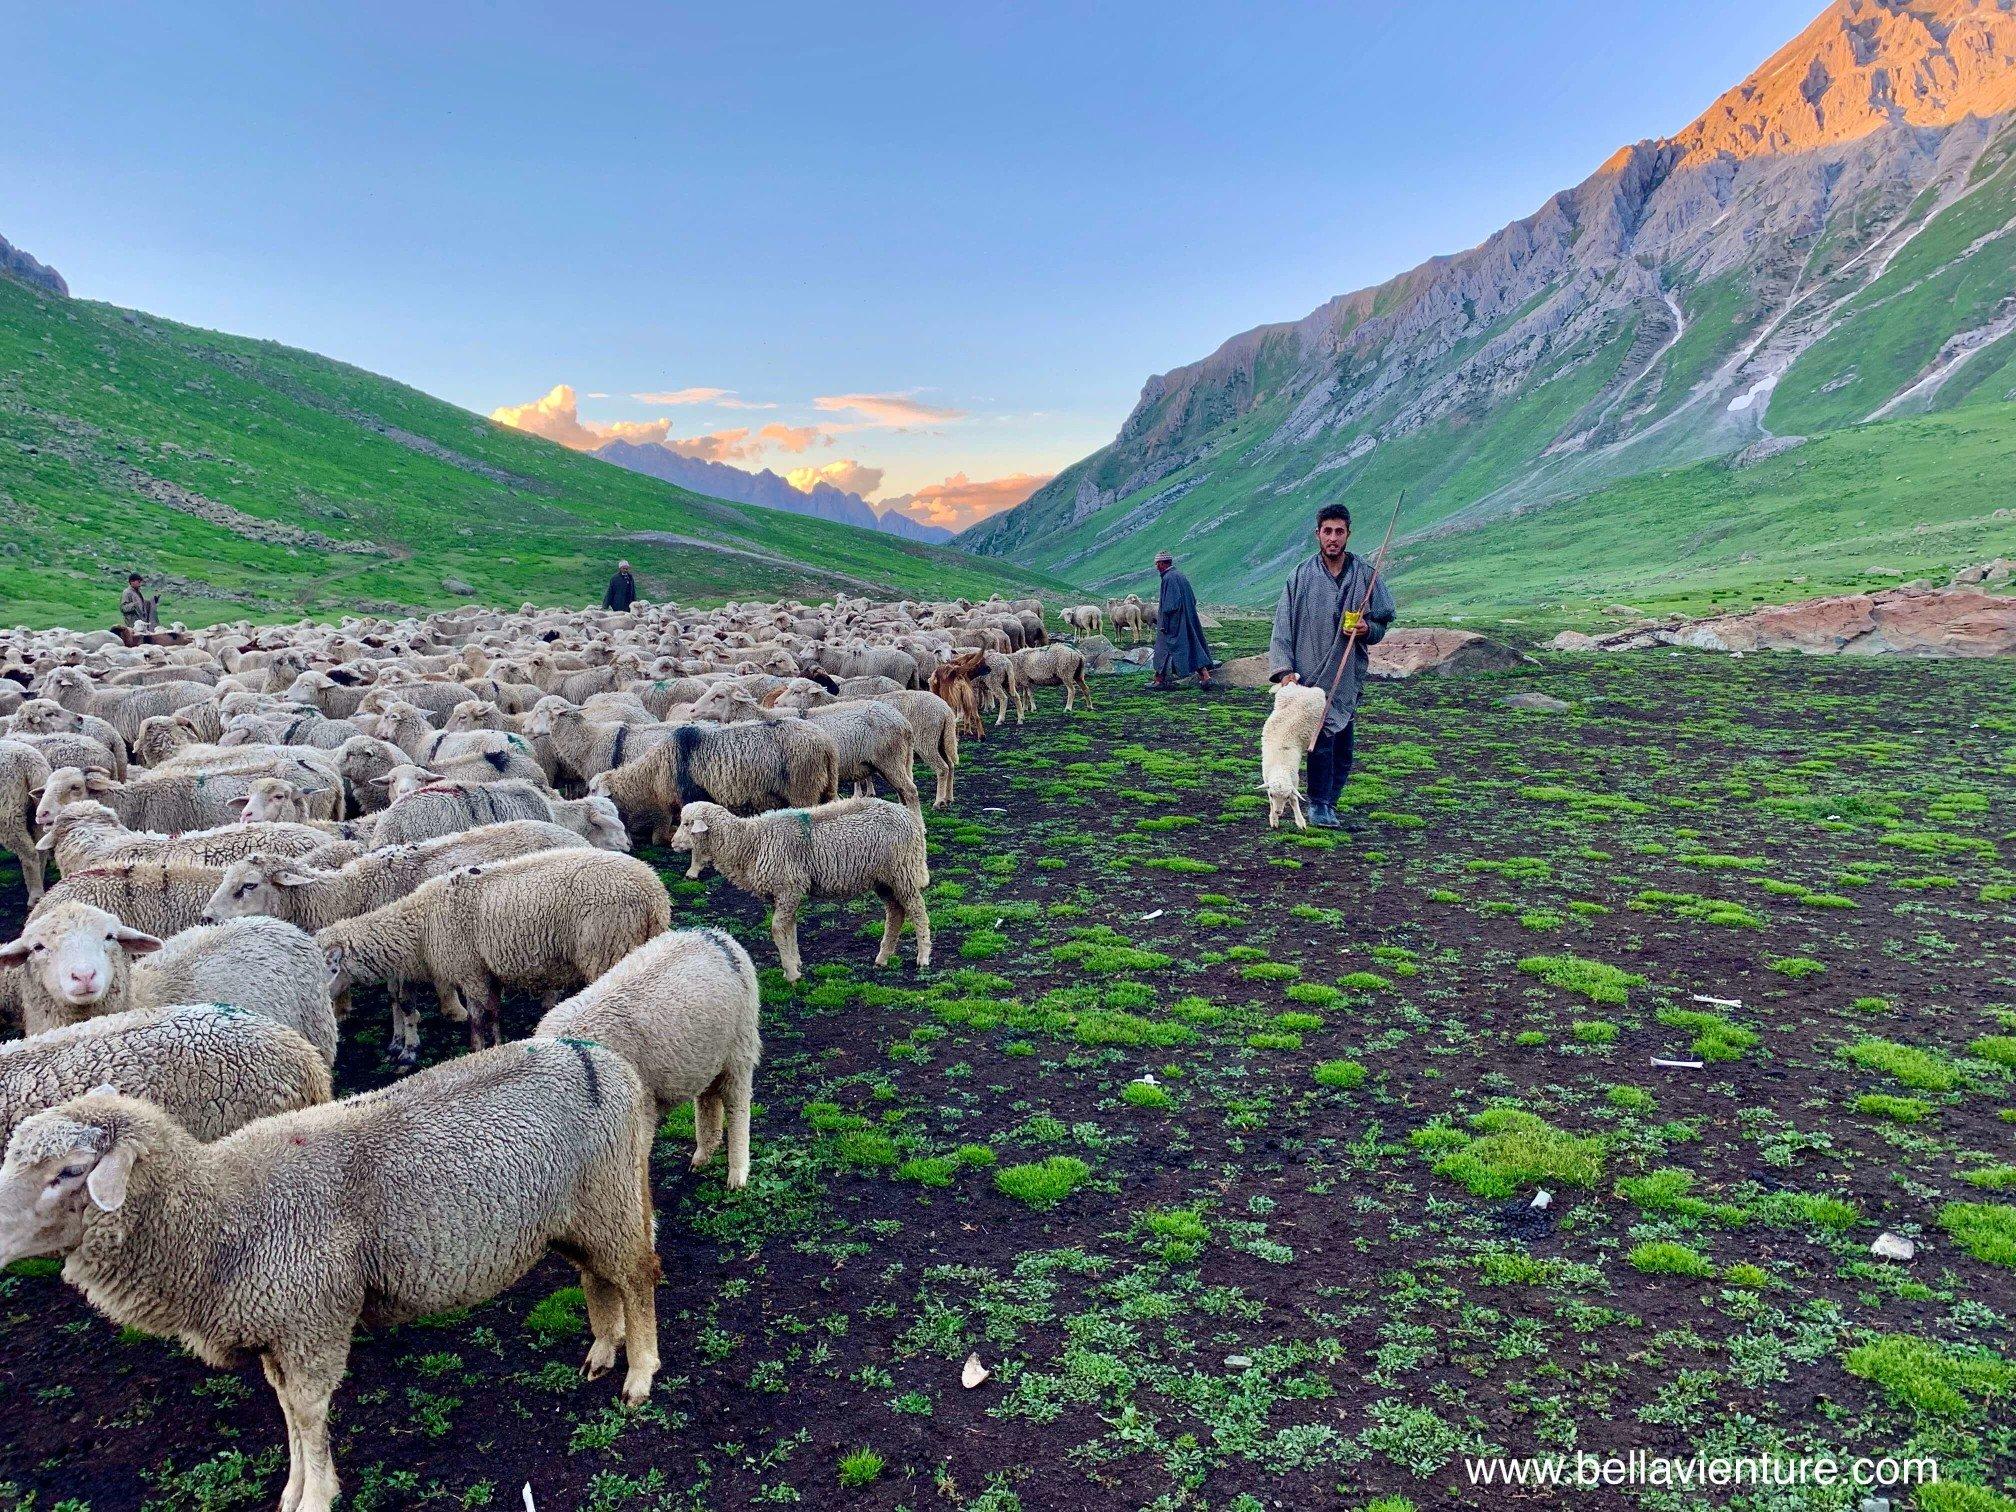 印度 India 北北印 North India 喀什米爾  Kashmir 八天七夜 健行 Nichnai Valley 牧羊人與小綿羊 傍晚的山谷